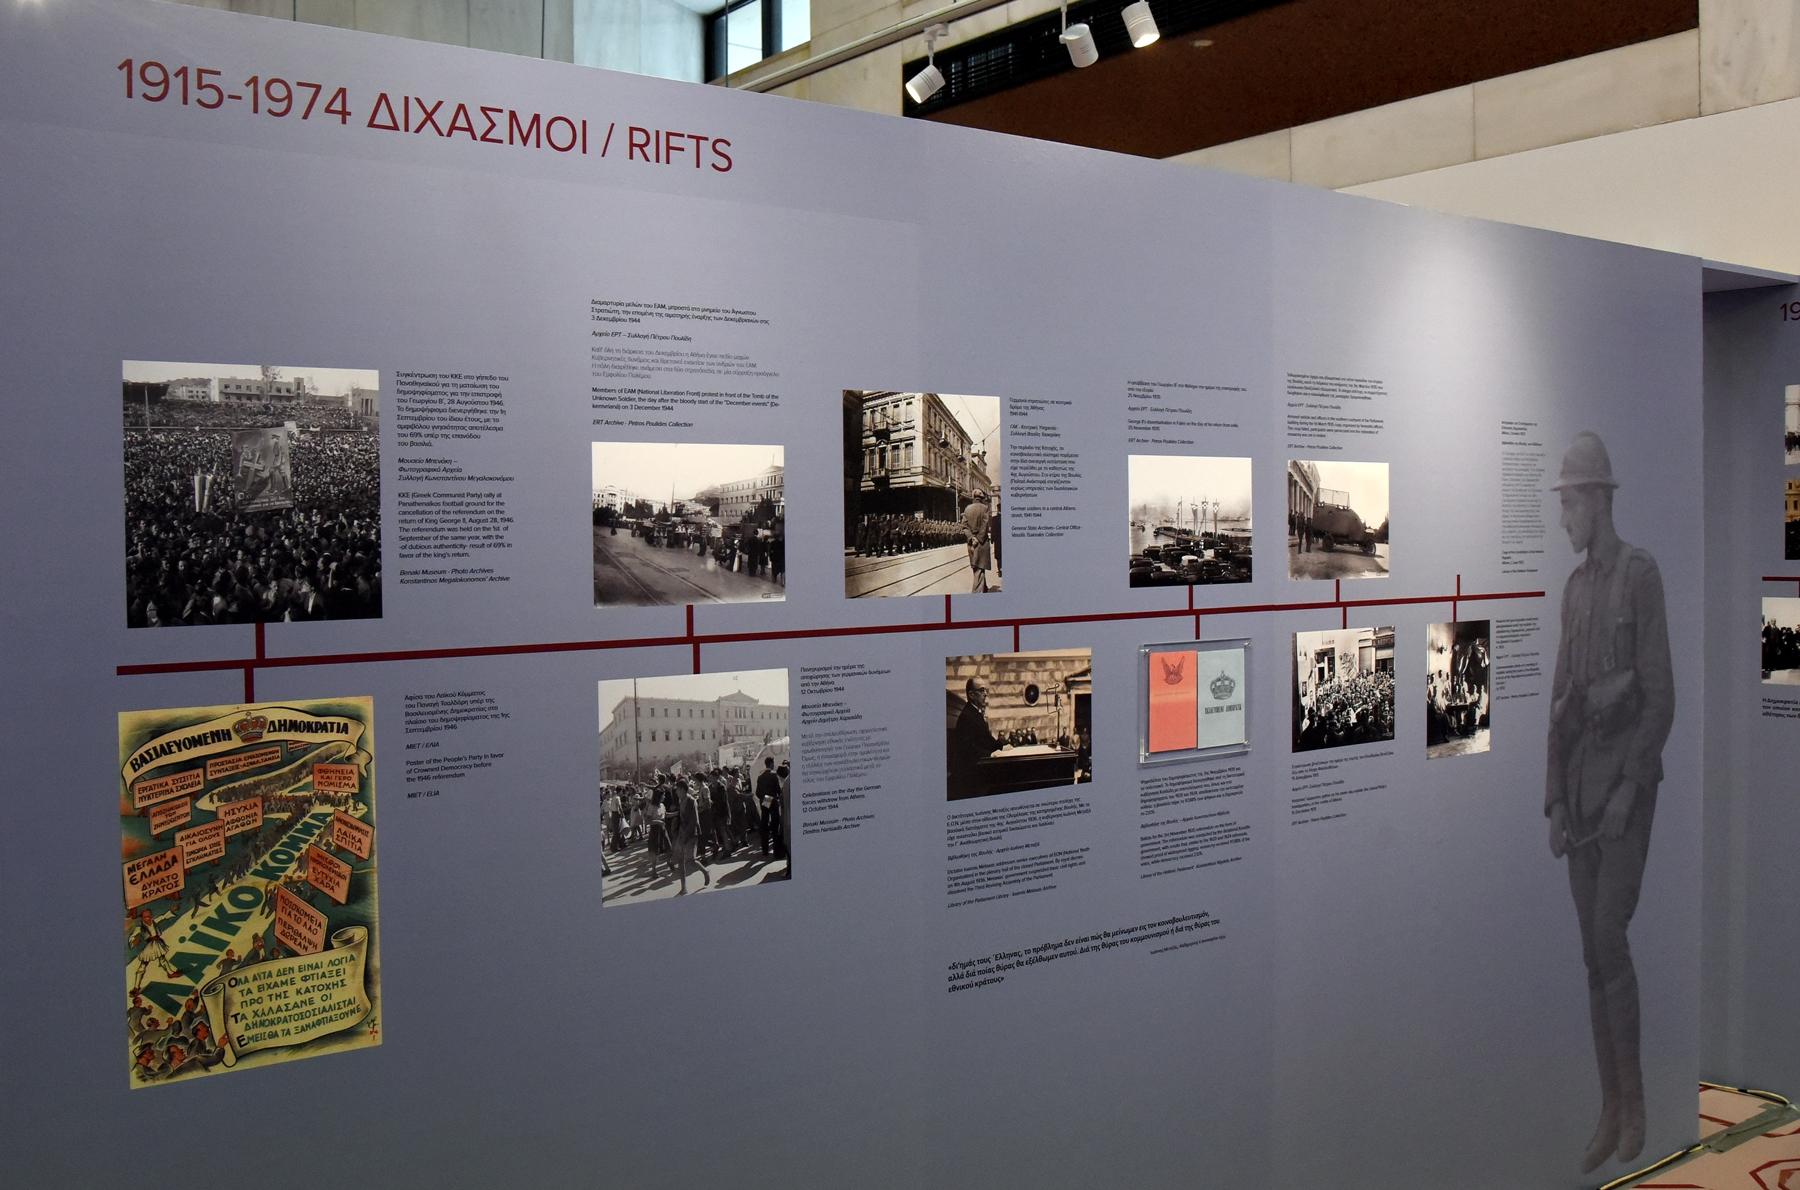 Βουλή των Ελλήνων. Οι  σταθμοί μιας διαδρομής σχεδόν διακοσίων ετών